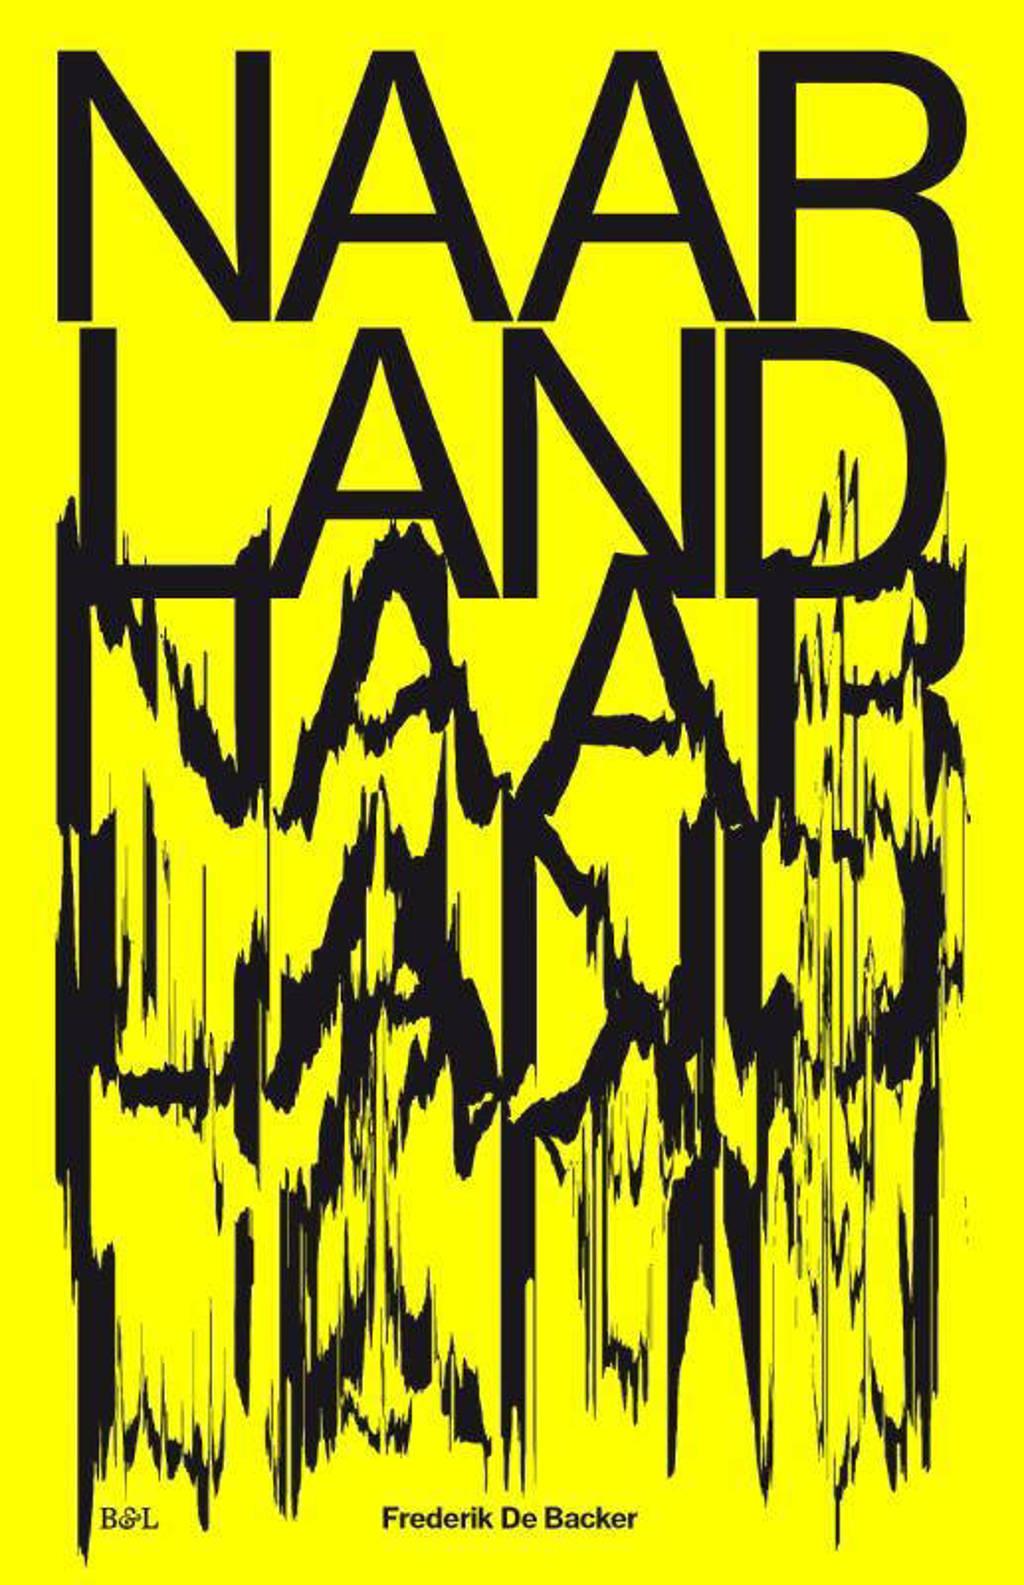 Naarland - Frederik De Backer